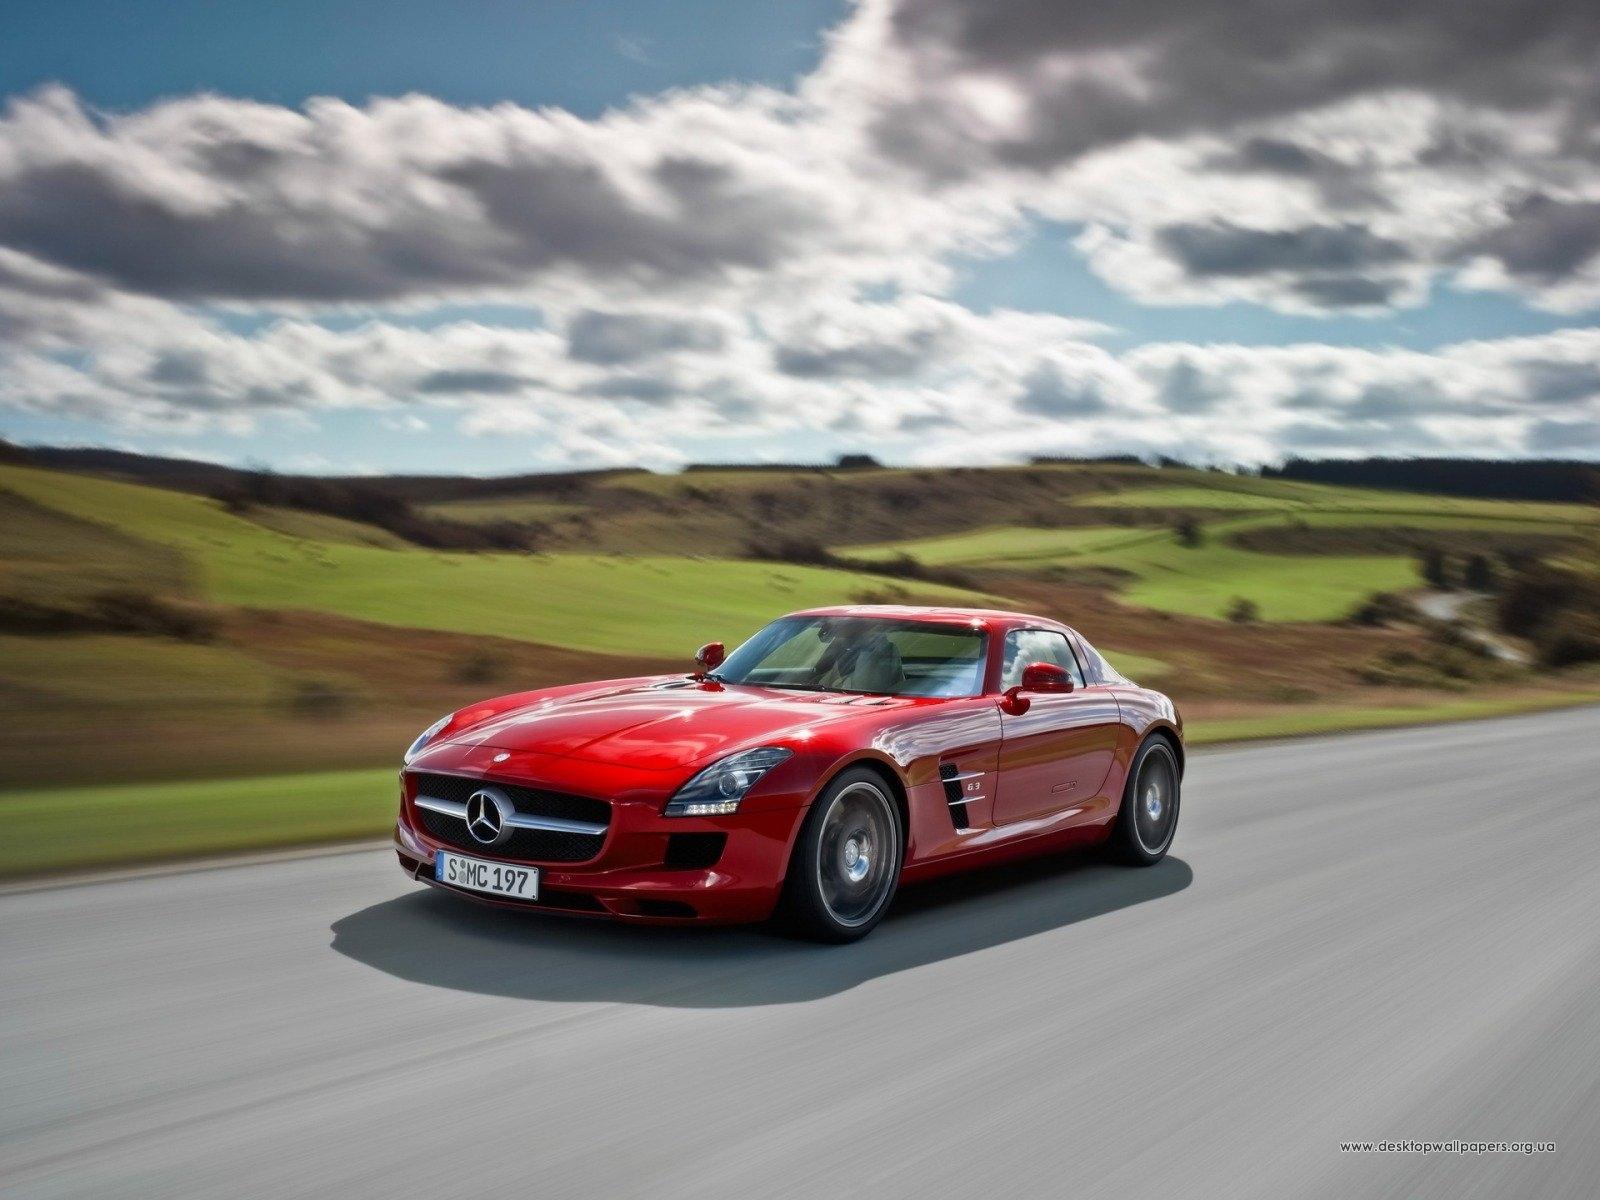 Скачать картинку Мерседес (Mercedes), Дороги, Машины, Транспорт в телефон бесплатно.